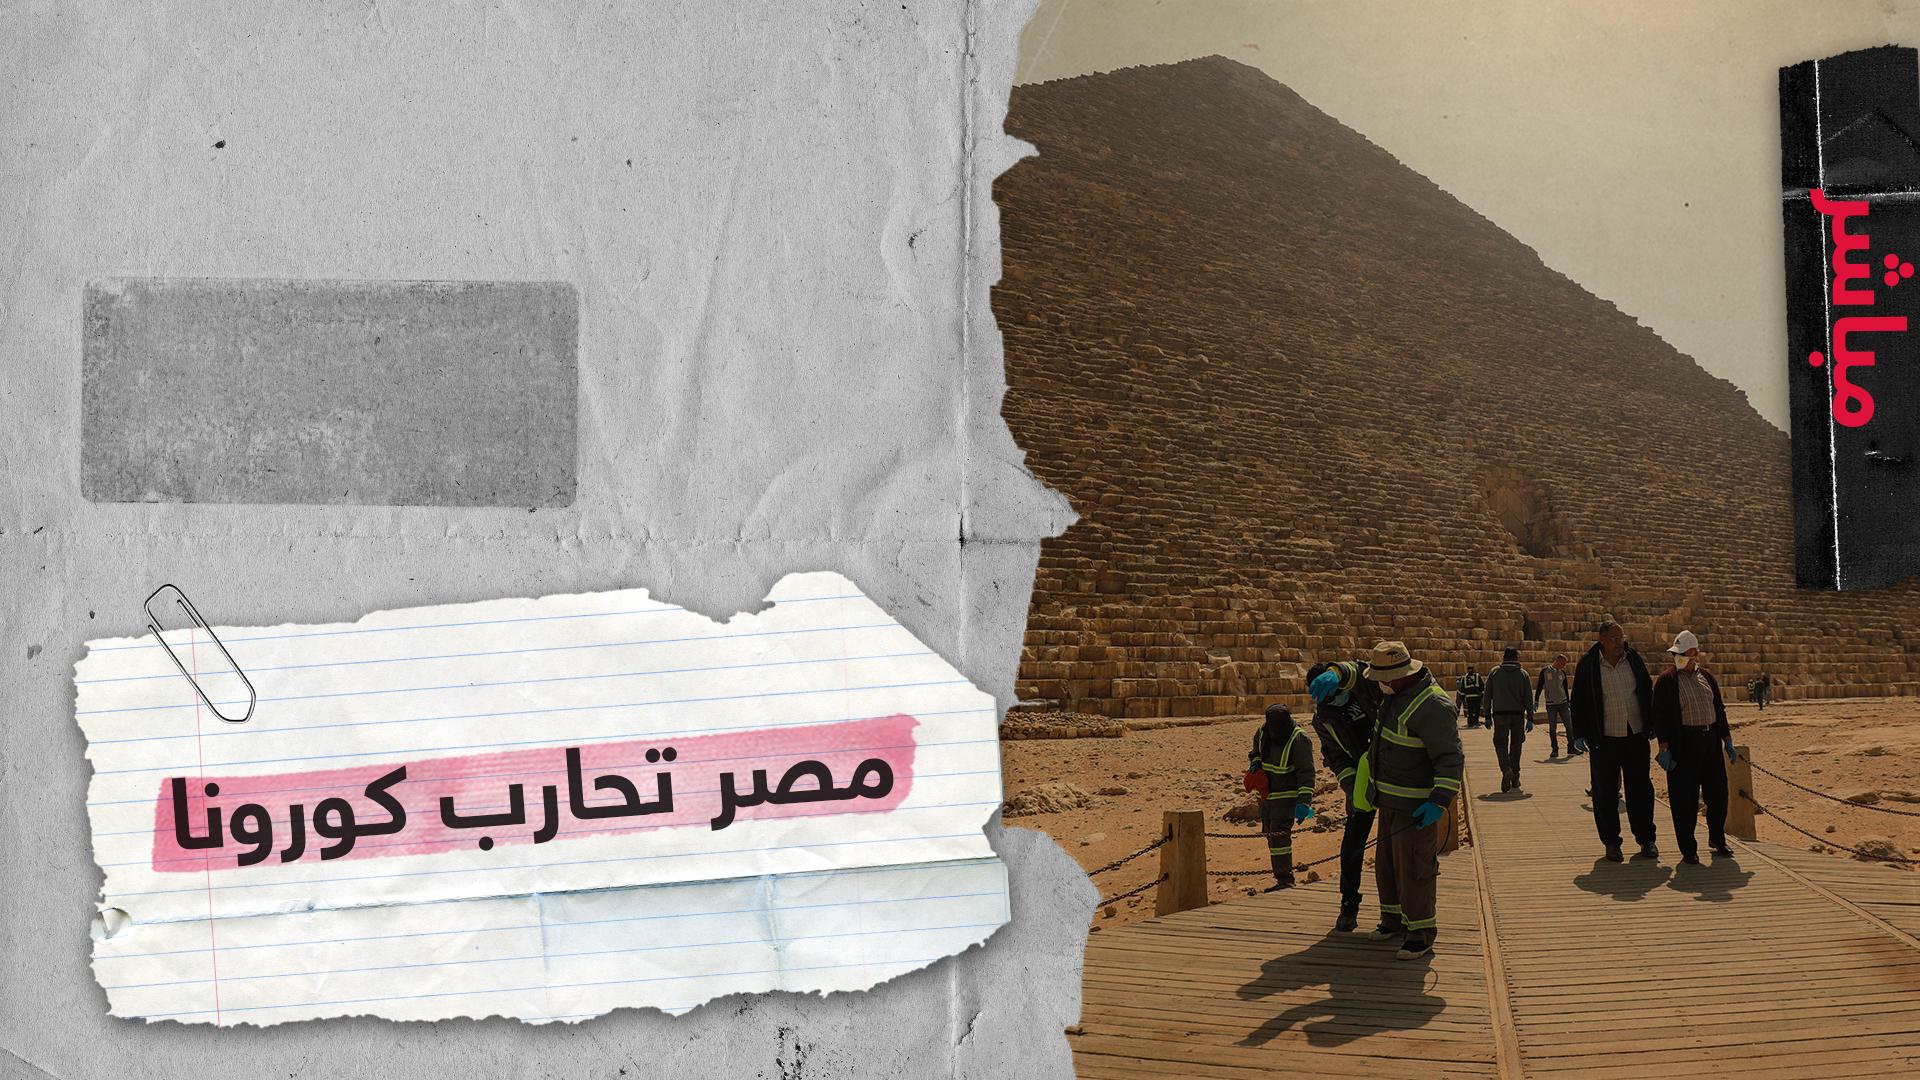 غلق معهد الأورام في مصر بسبب كورونا والإصابات قد تصل ذروتها الشهر المقبل